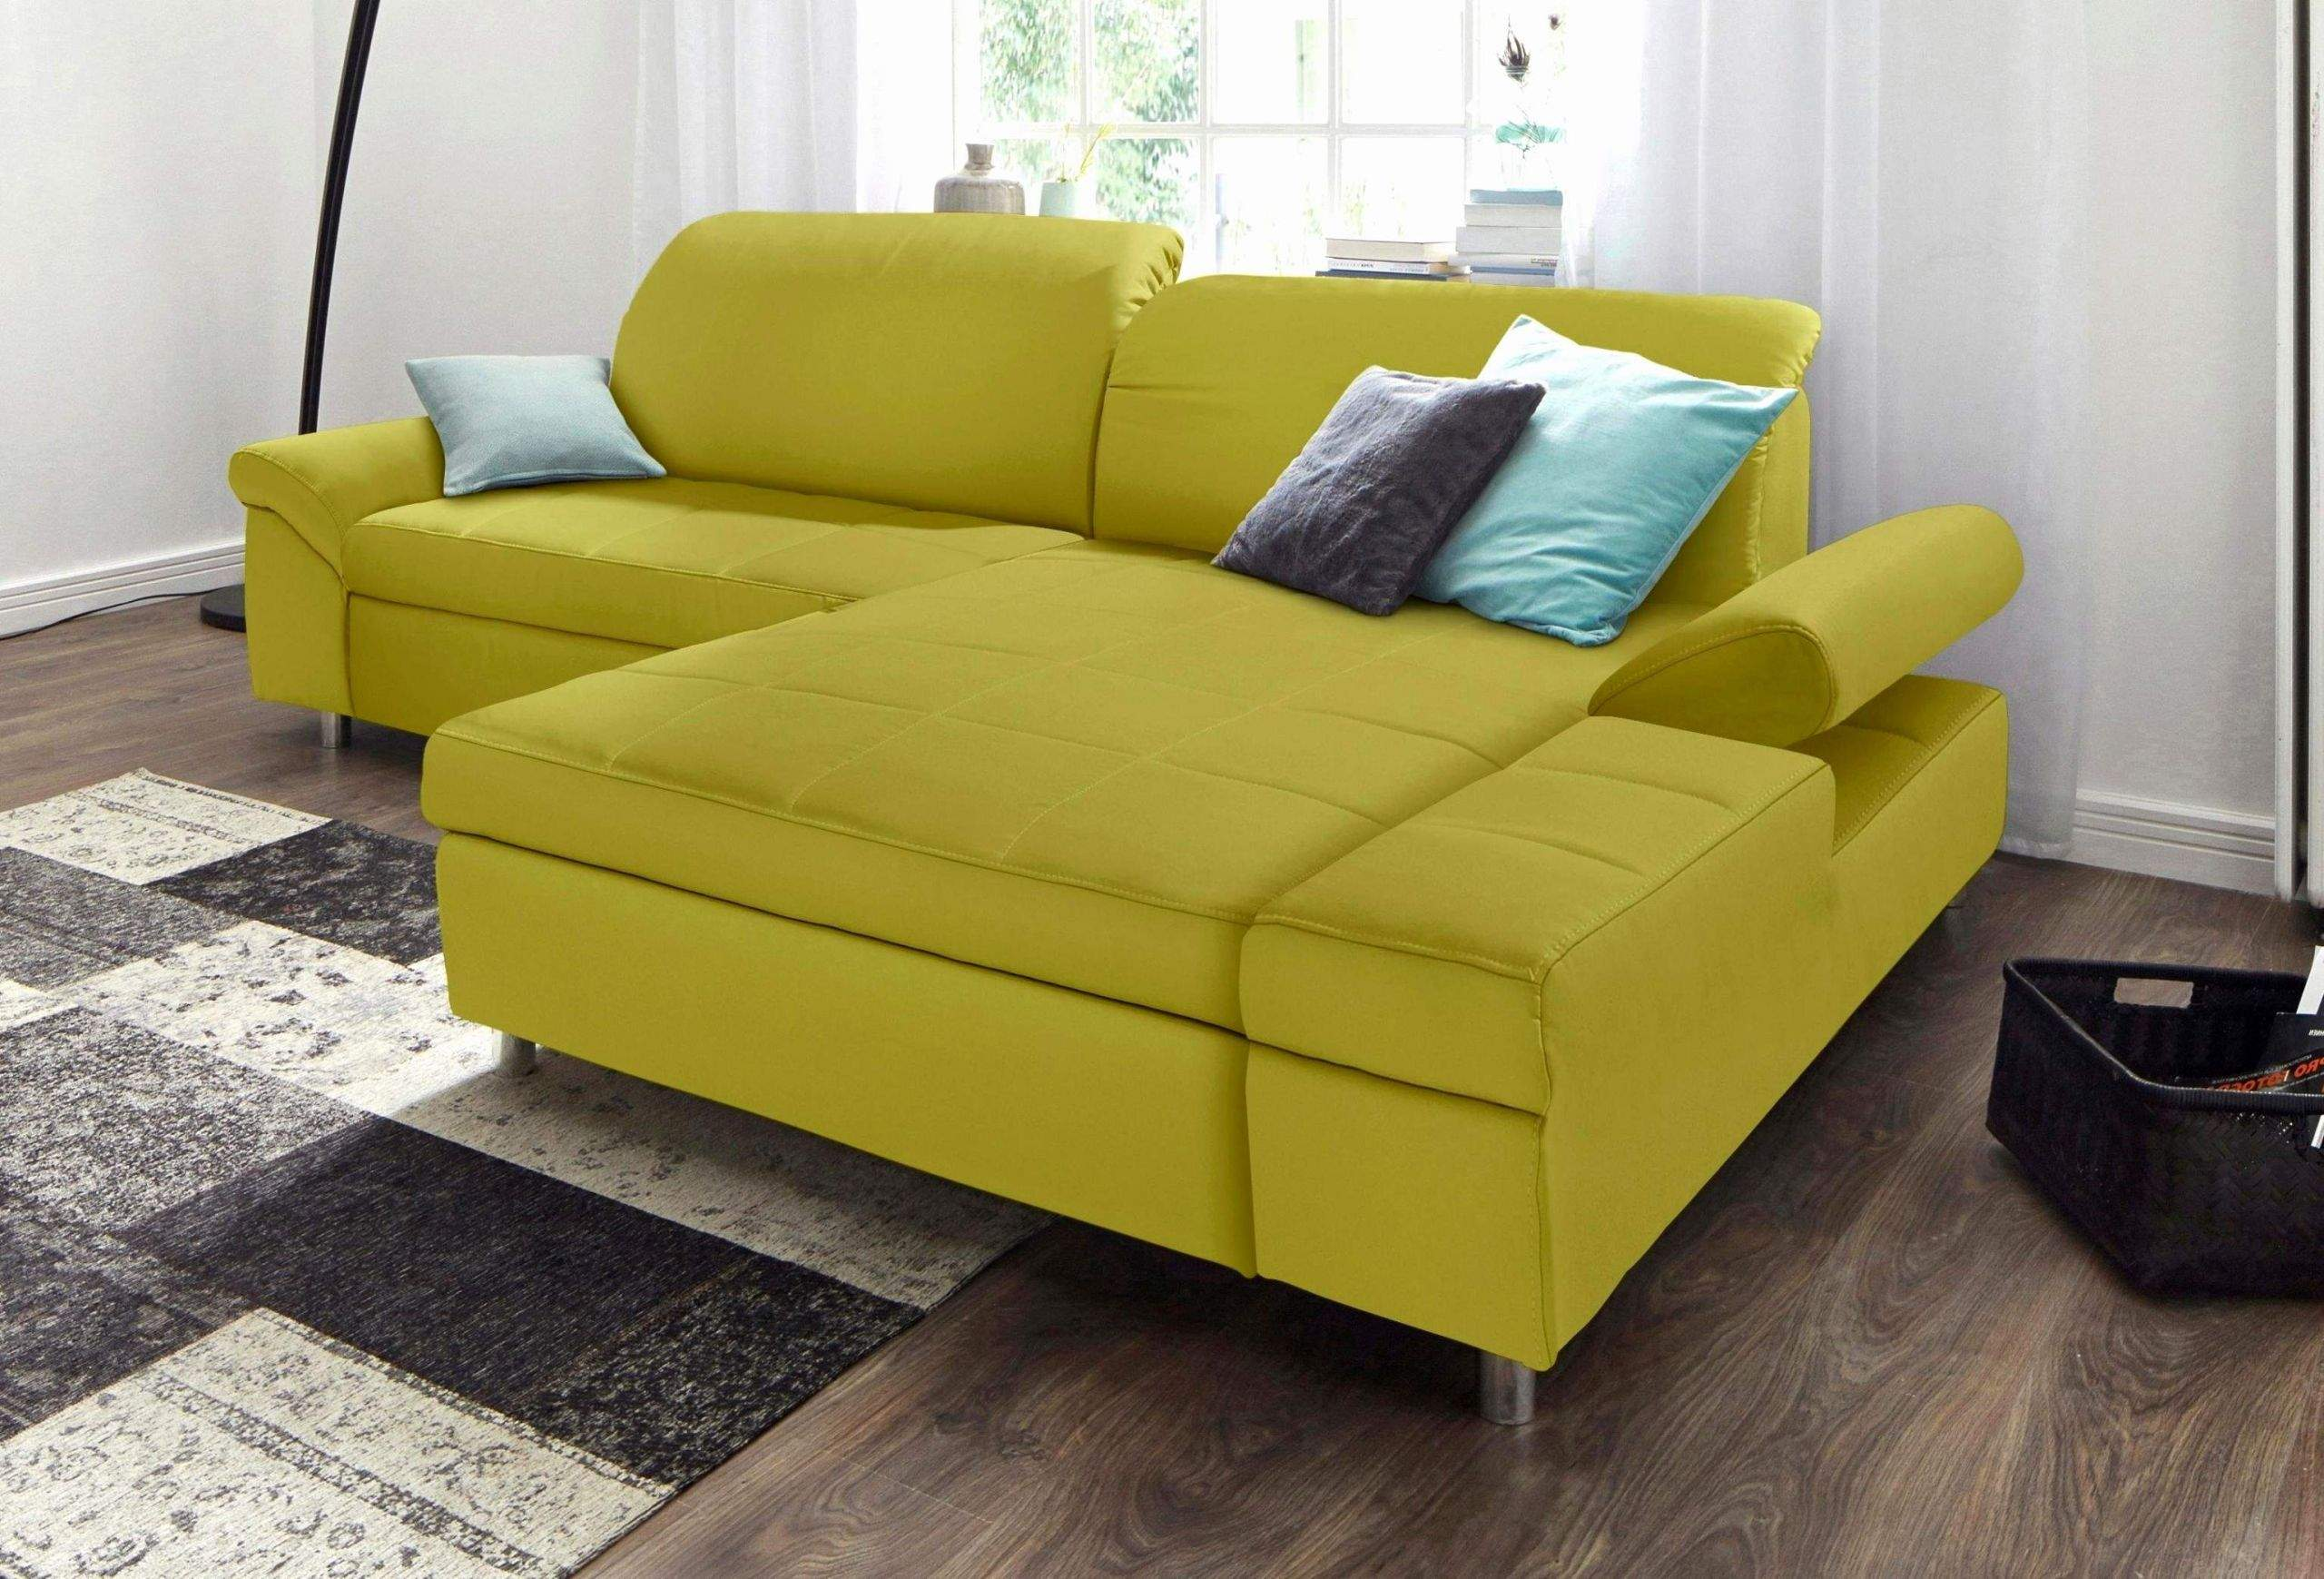 lounge sofa wohnzimmer einzigartig wohnzimmer sessel schon lounge sofa wohnzimmer luxus of lounge sofa wohnzimmer scaled